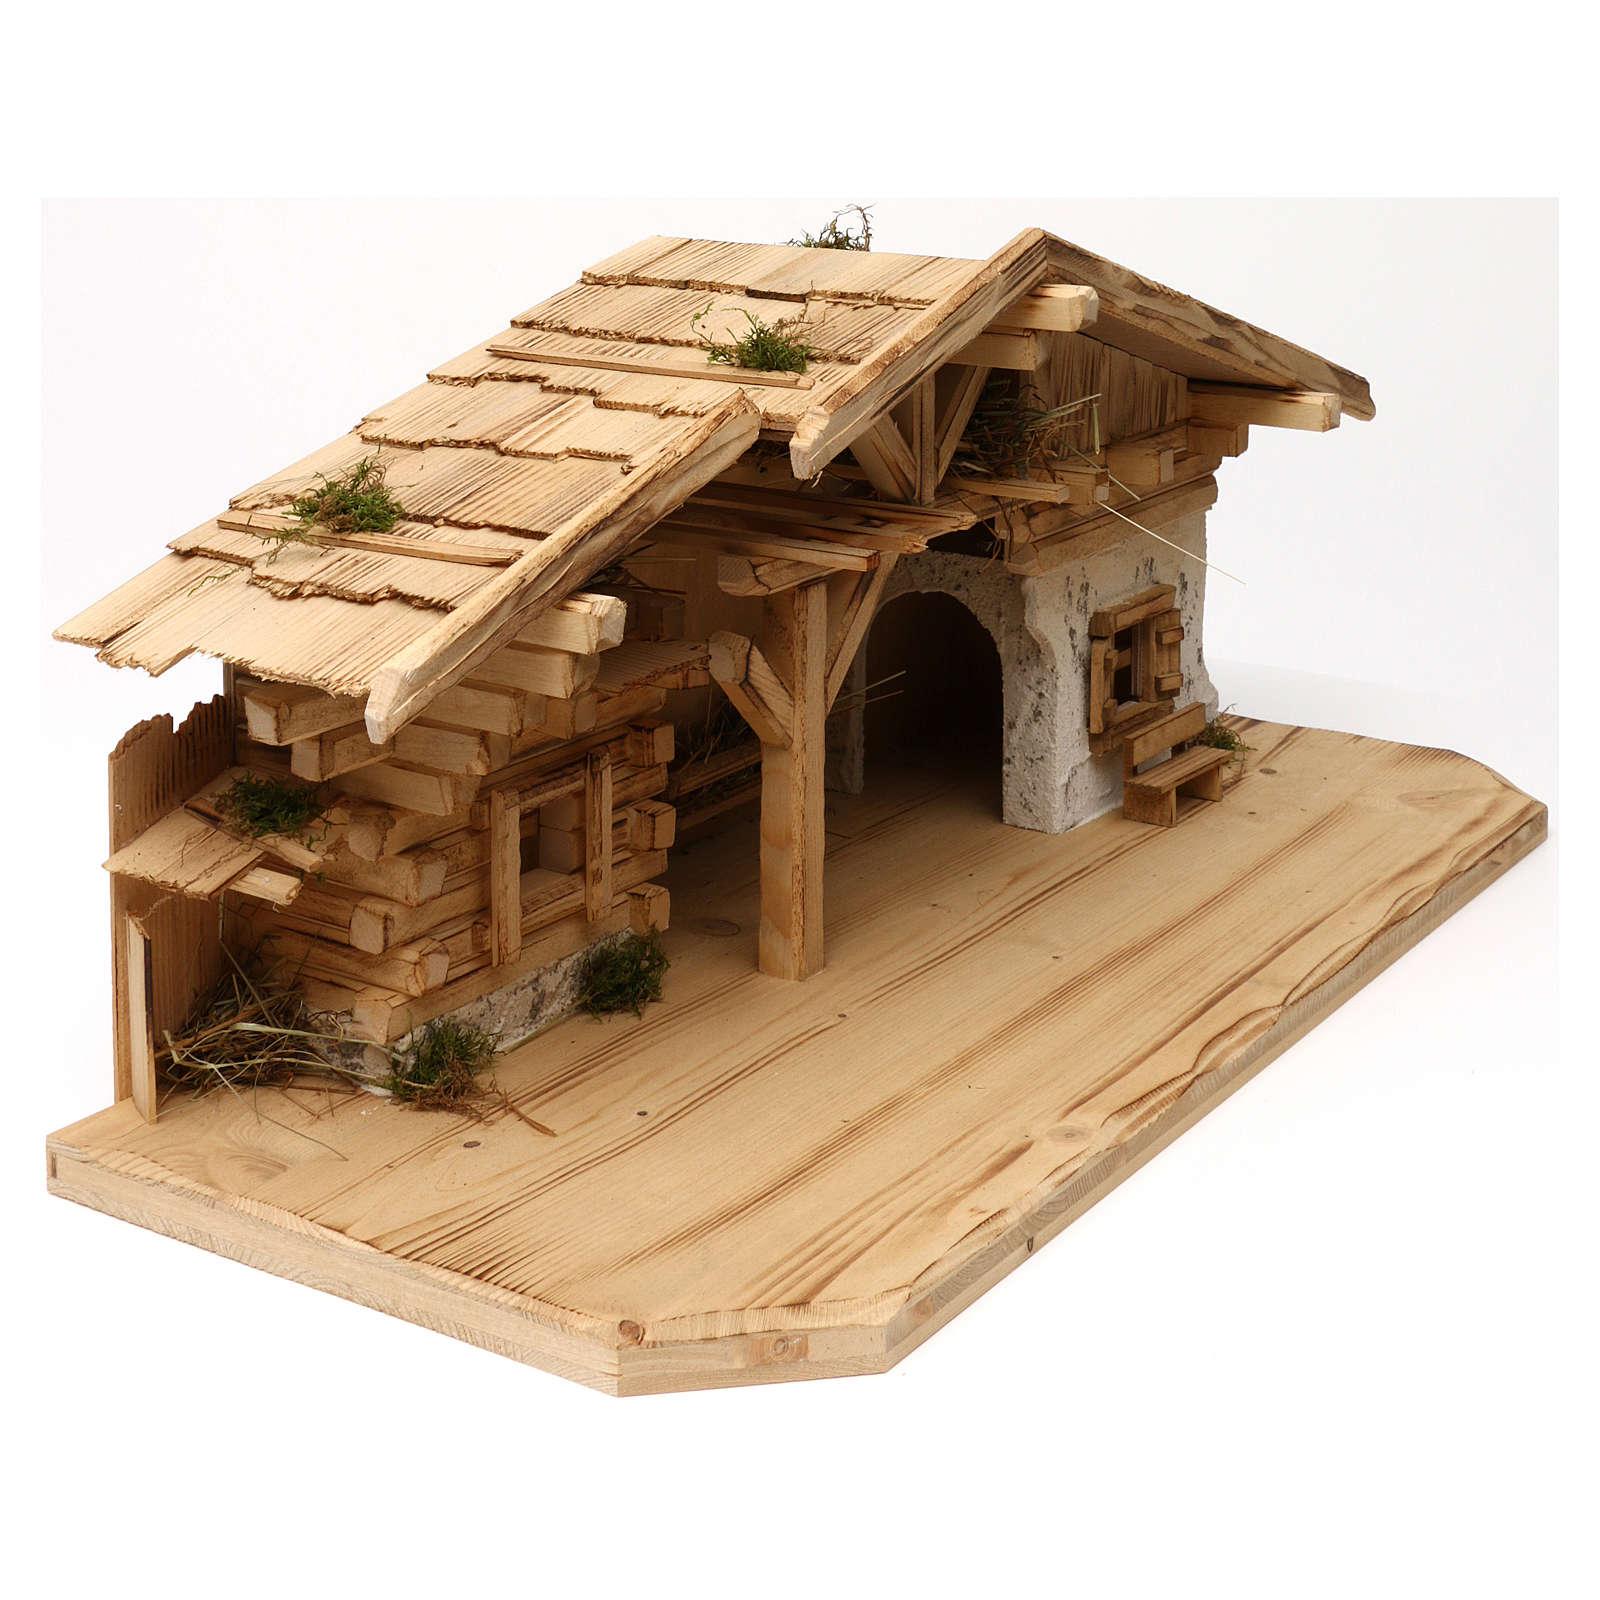 Stalla modello Flos in legno per presepe 10-12 cm 4